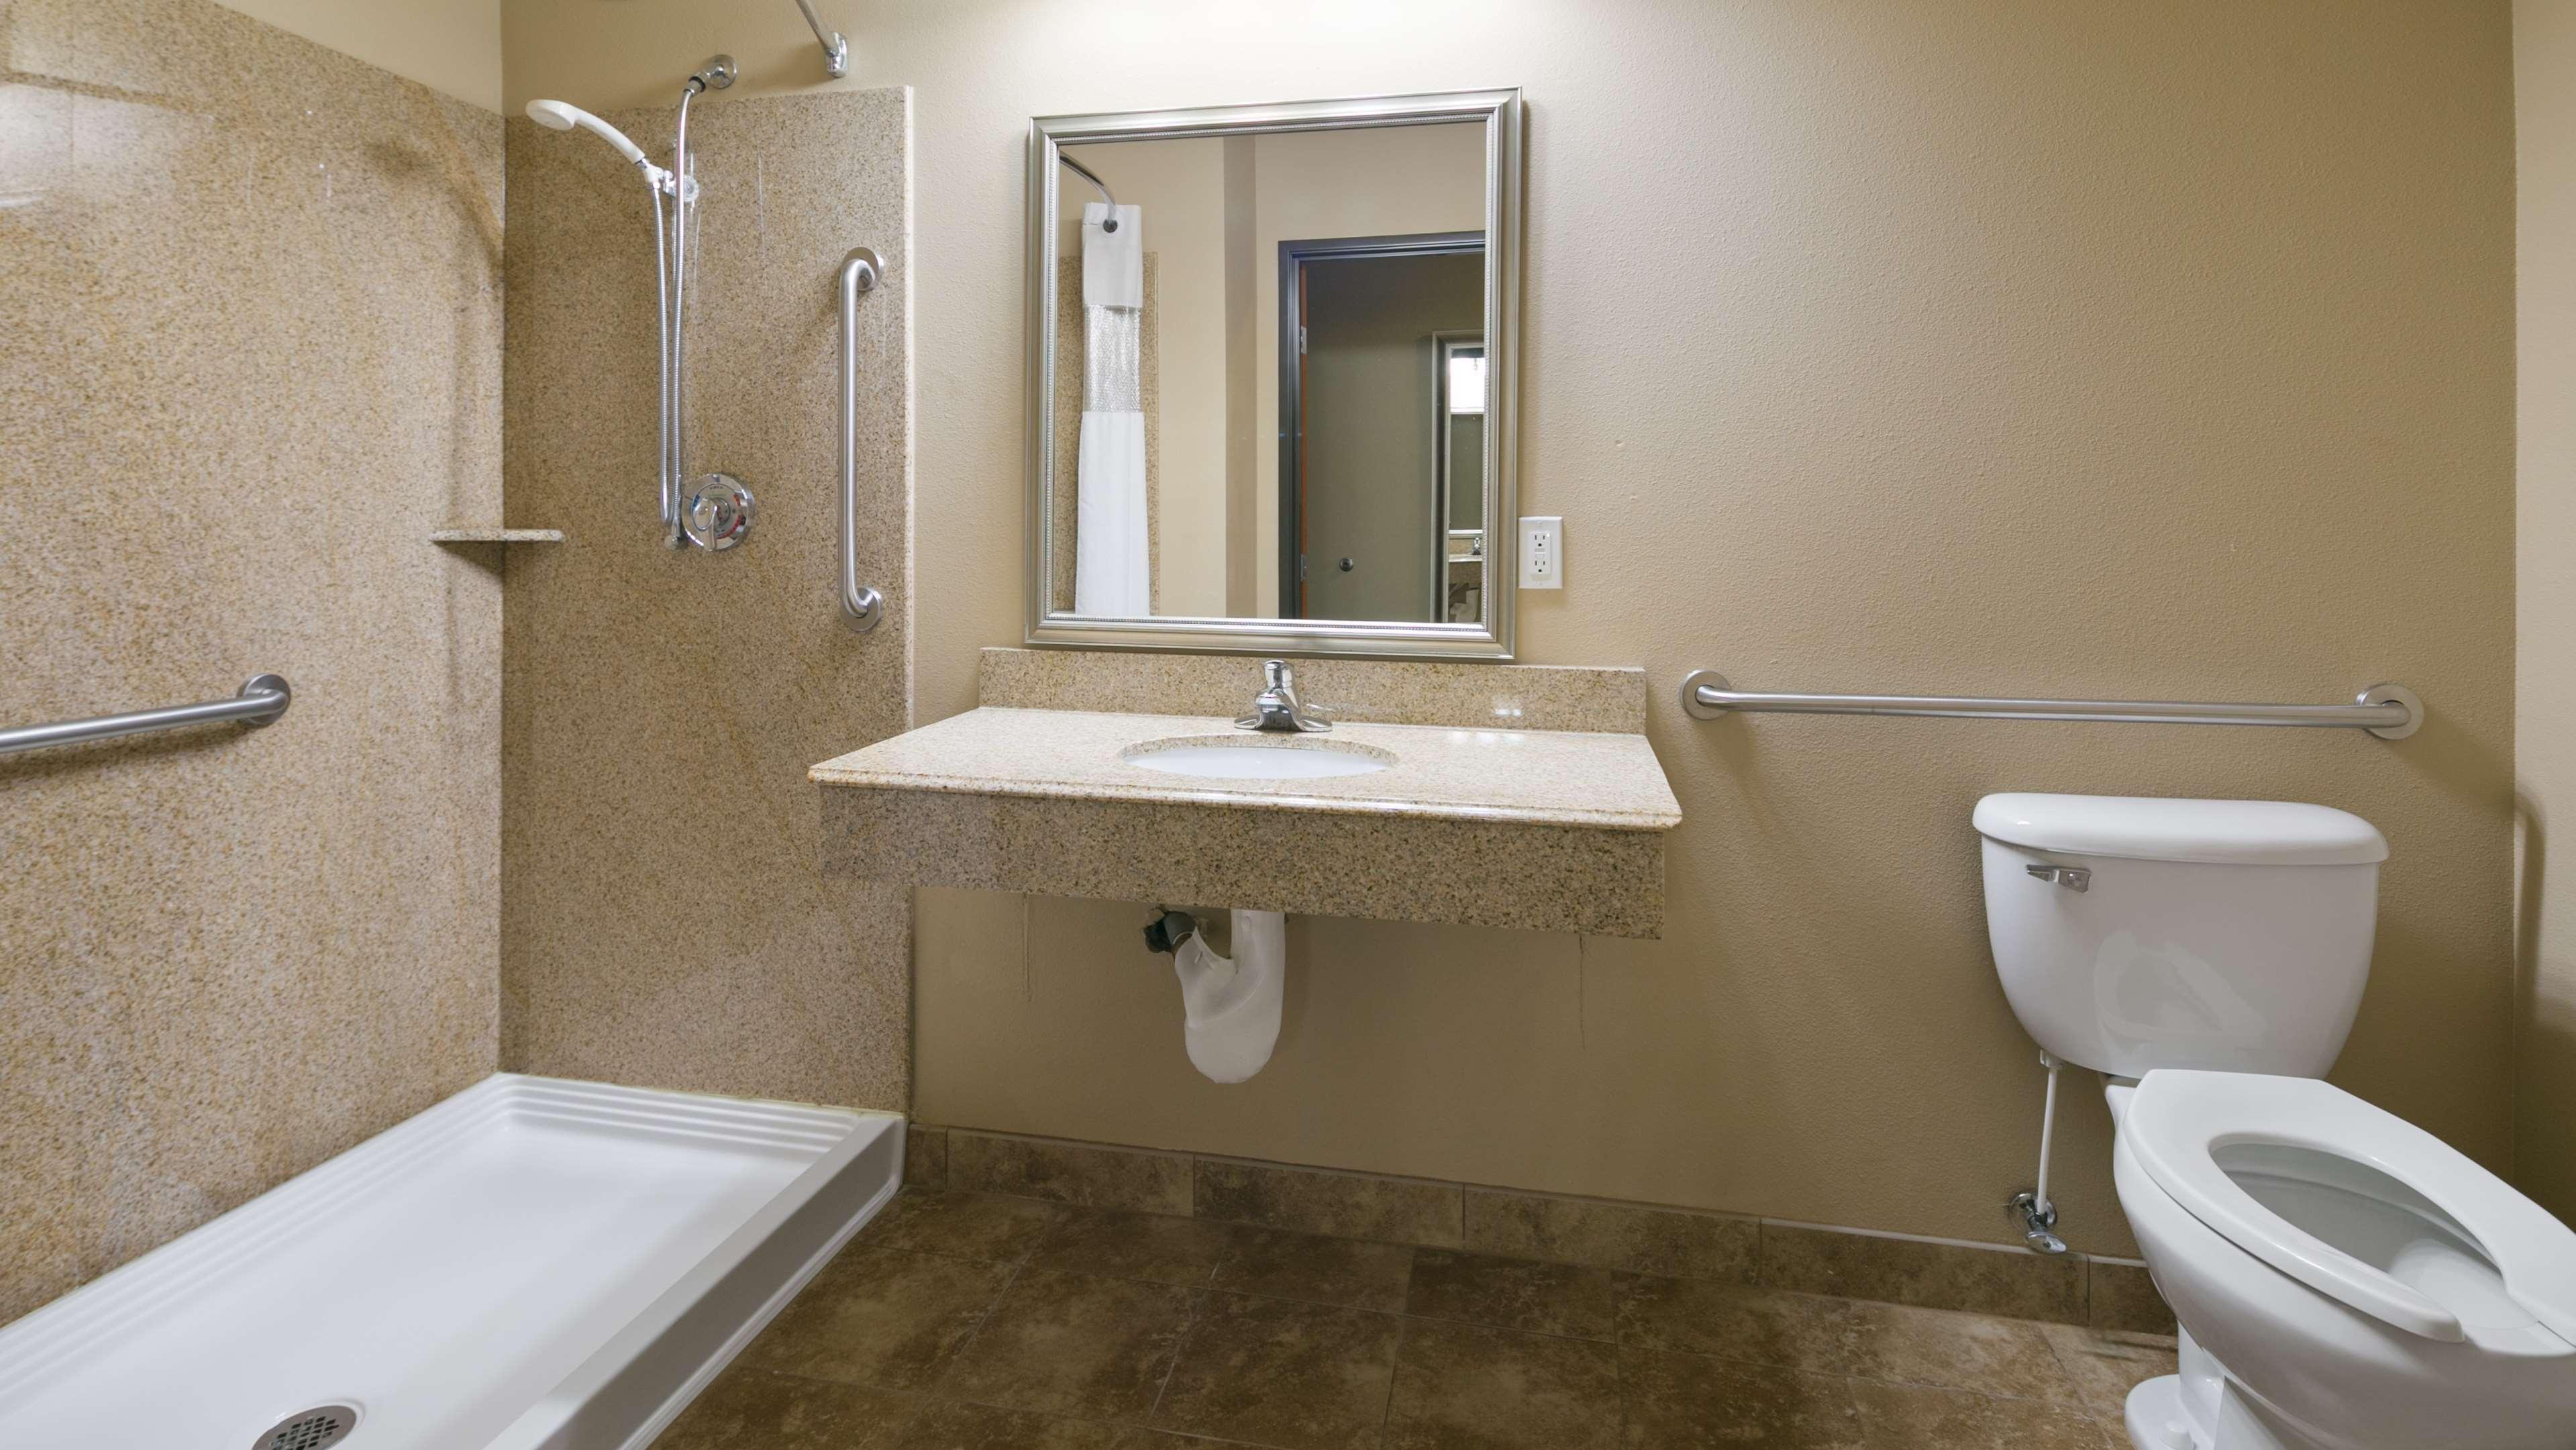 Best Western Plus Parkersville Inn & Suites image 25